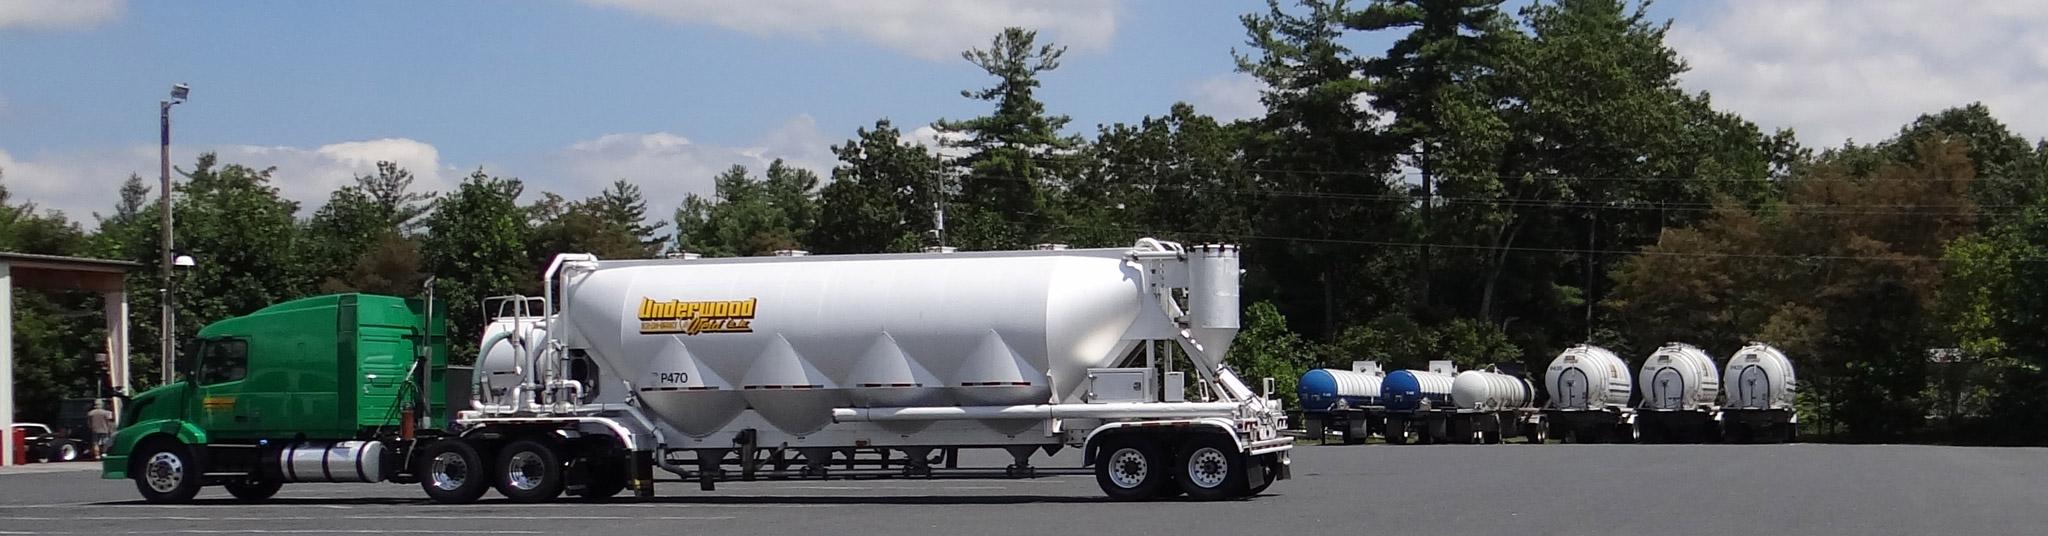 Dry Bulk Trucking Underwood Amp Weld Dry Bulk Trucking